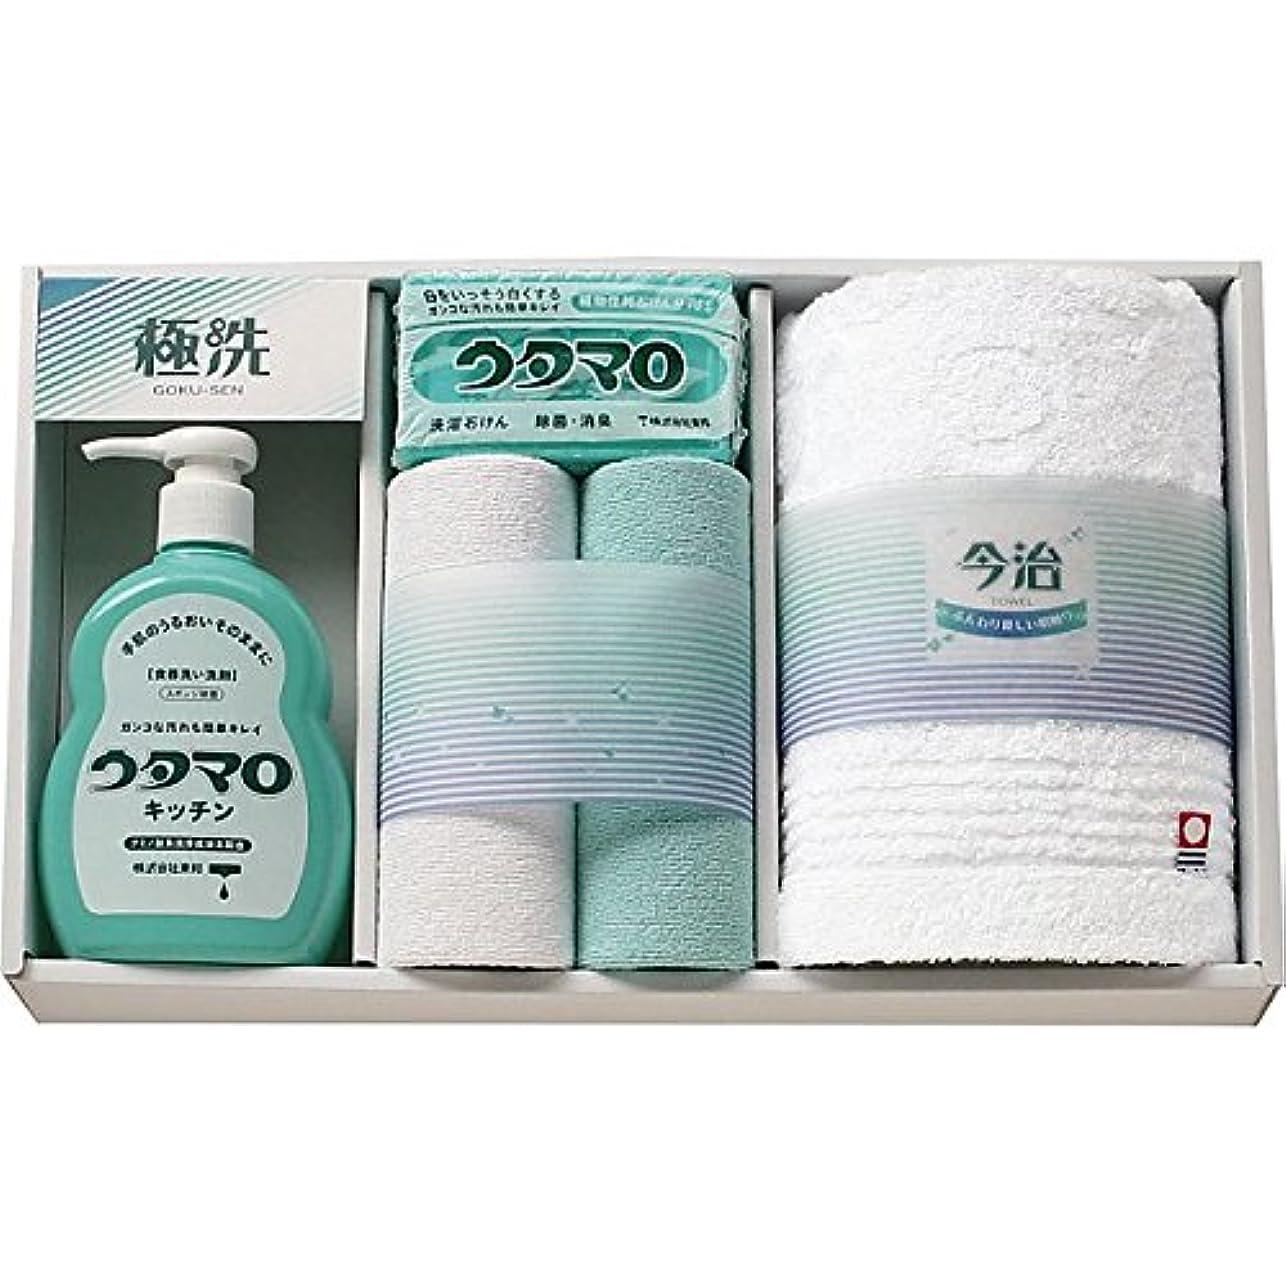 糞一口ヘルパー(ウタマロ) 石鹸?キッチン洗剤ギフト (835-1055r)